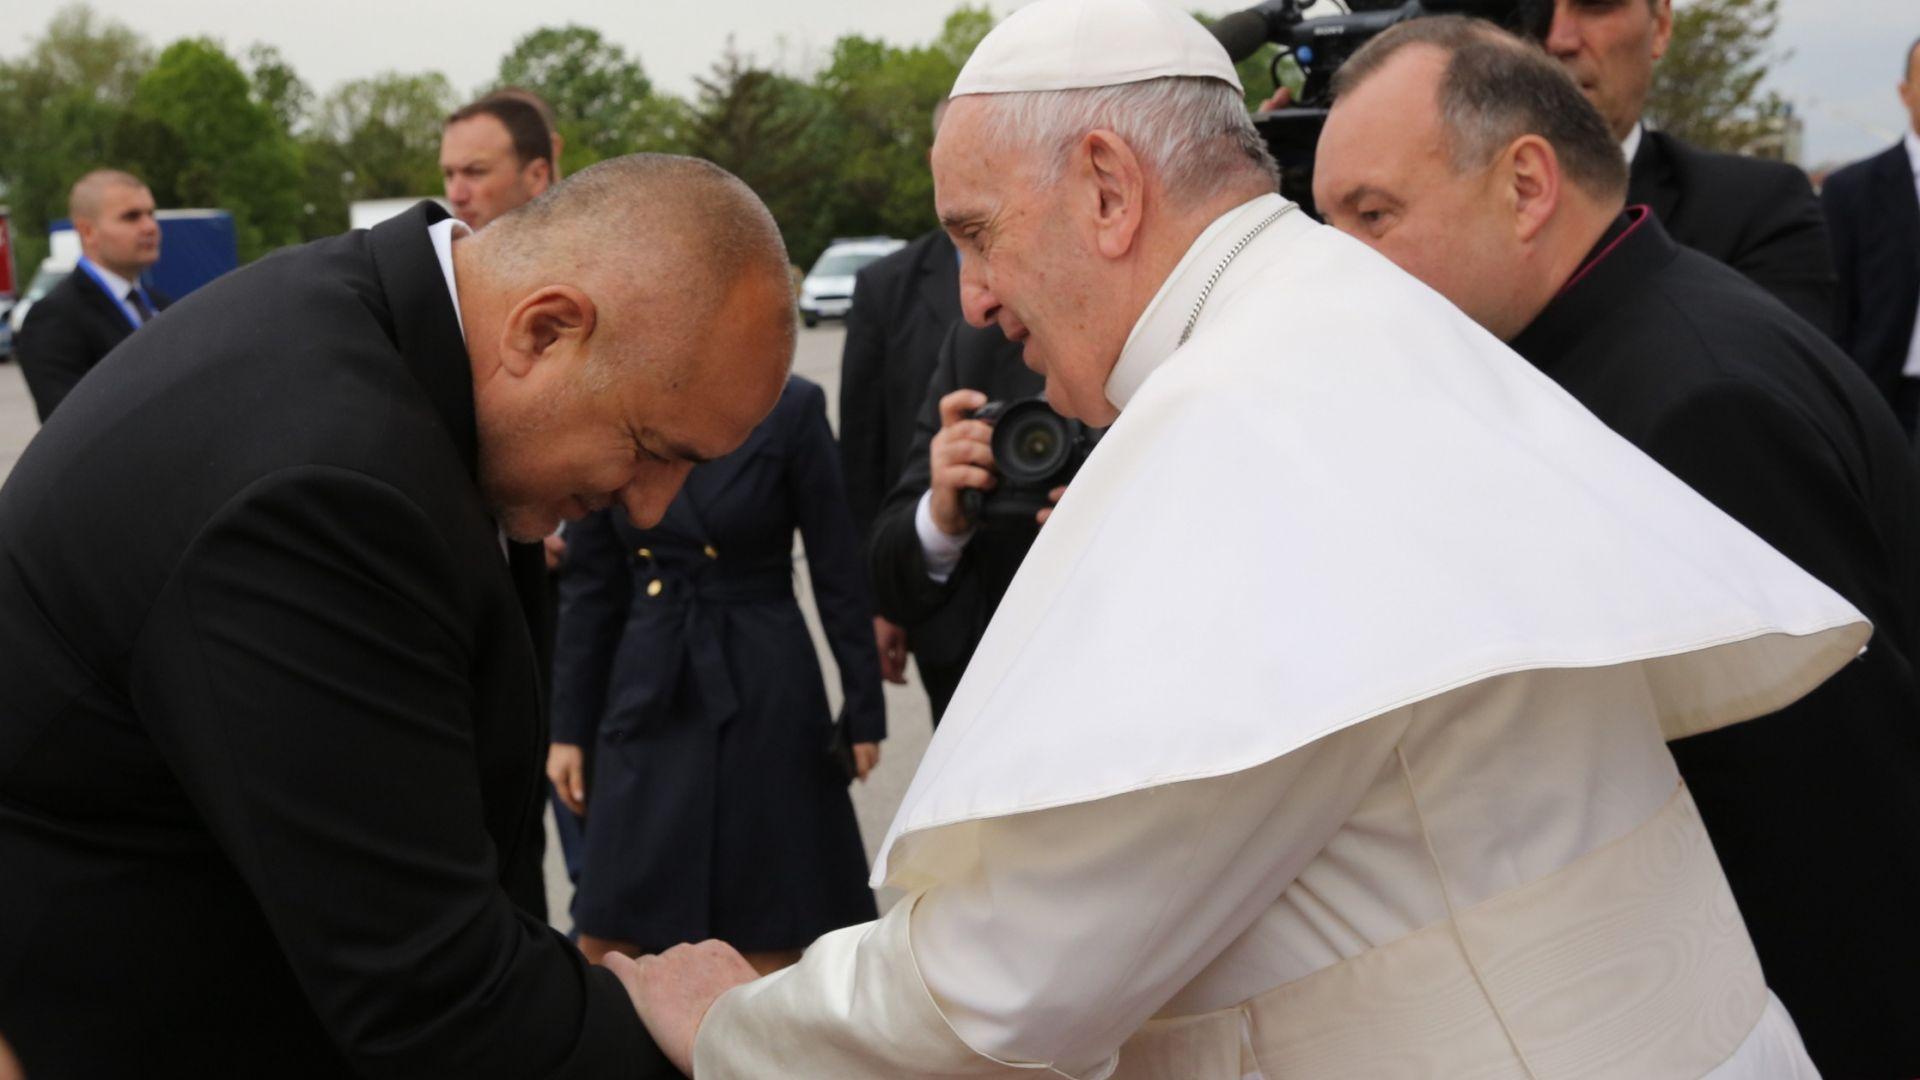 Бойко Борисов: Молитвите за мир на папа Франциск са изключително важни - от Крим до Западните Балкани